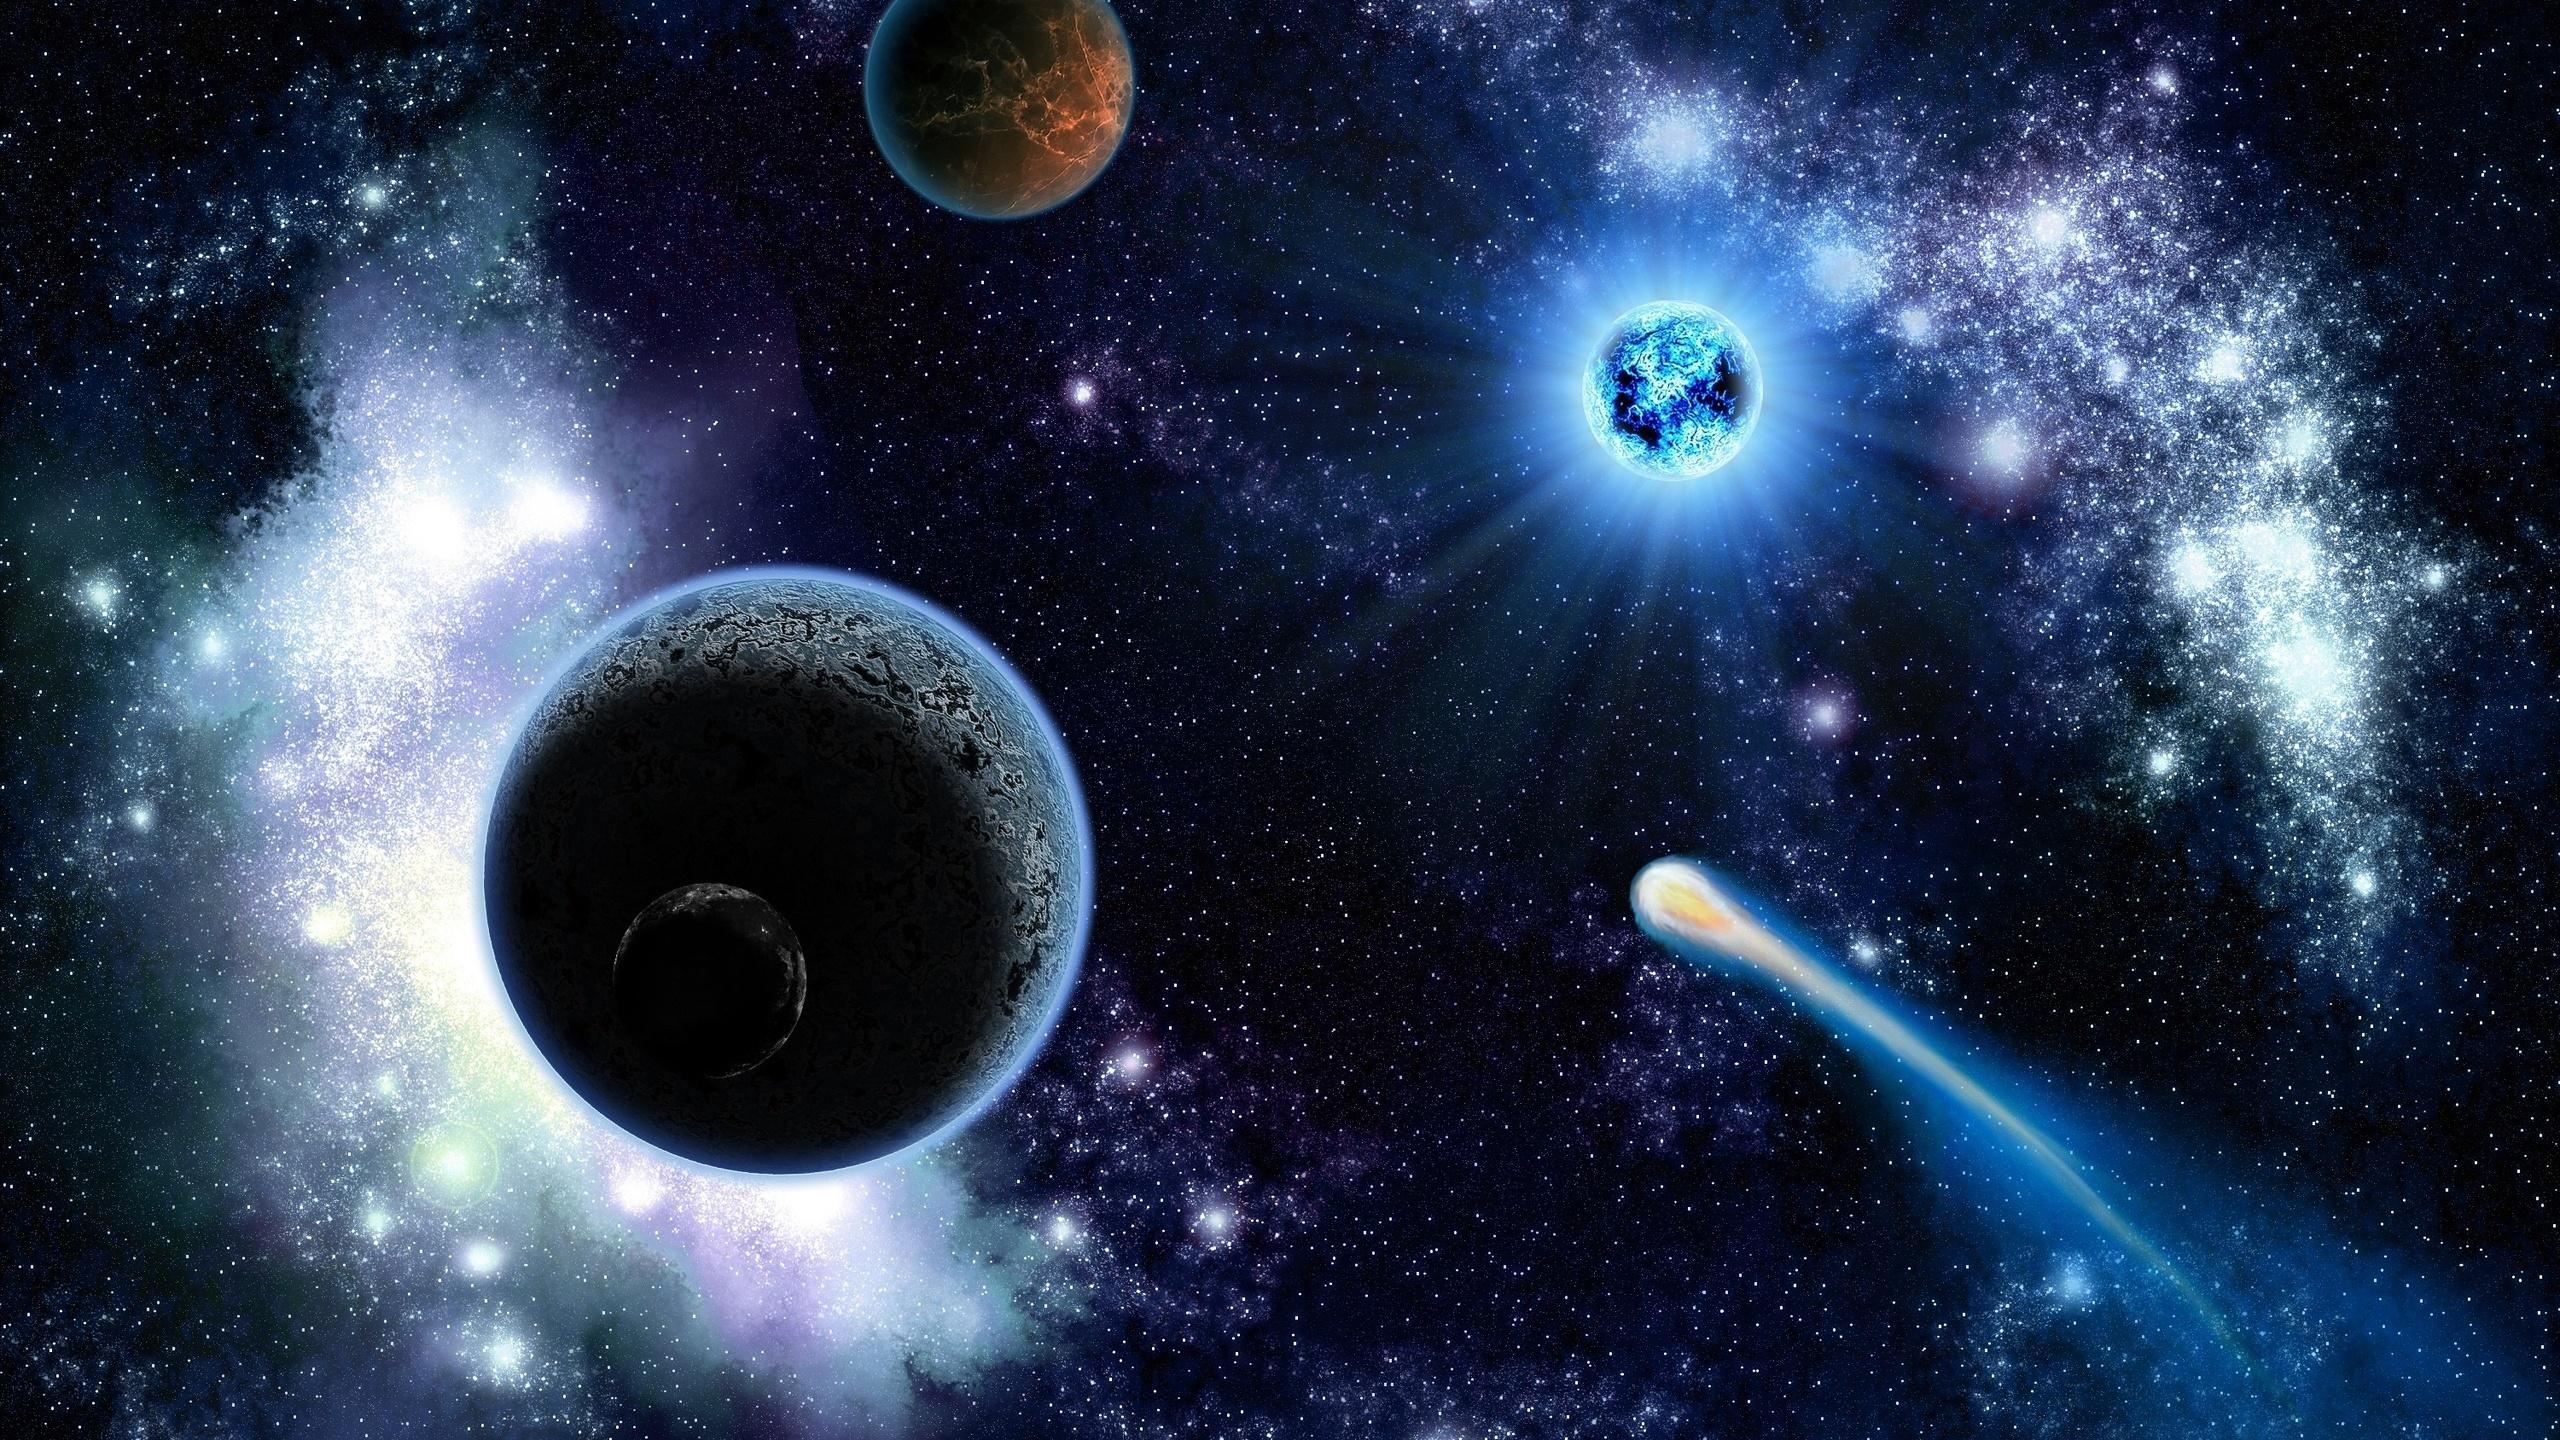 宇宙の惑星 星 デスクトップの壁紙 2560x1440 壁紙をダウンロード Ja Hdwall365 Com